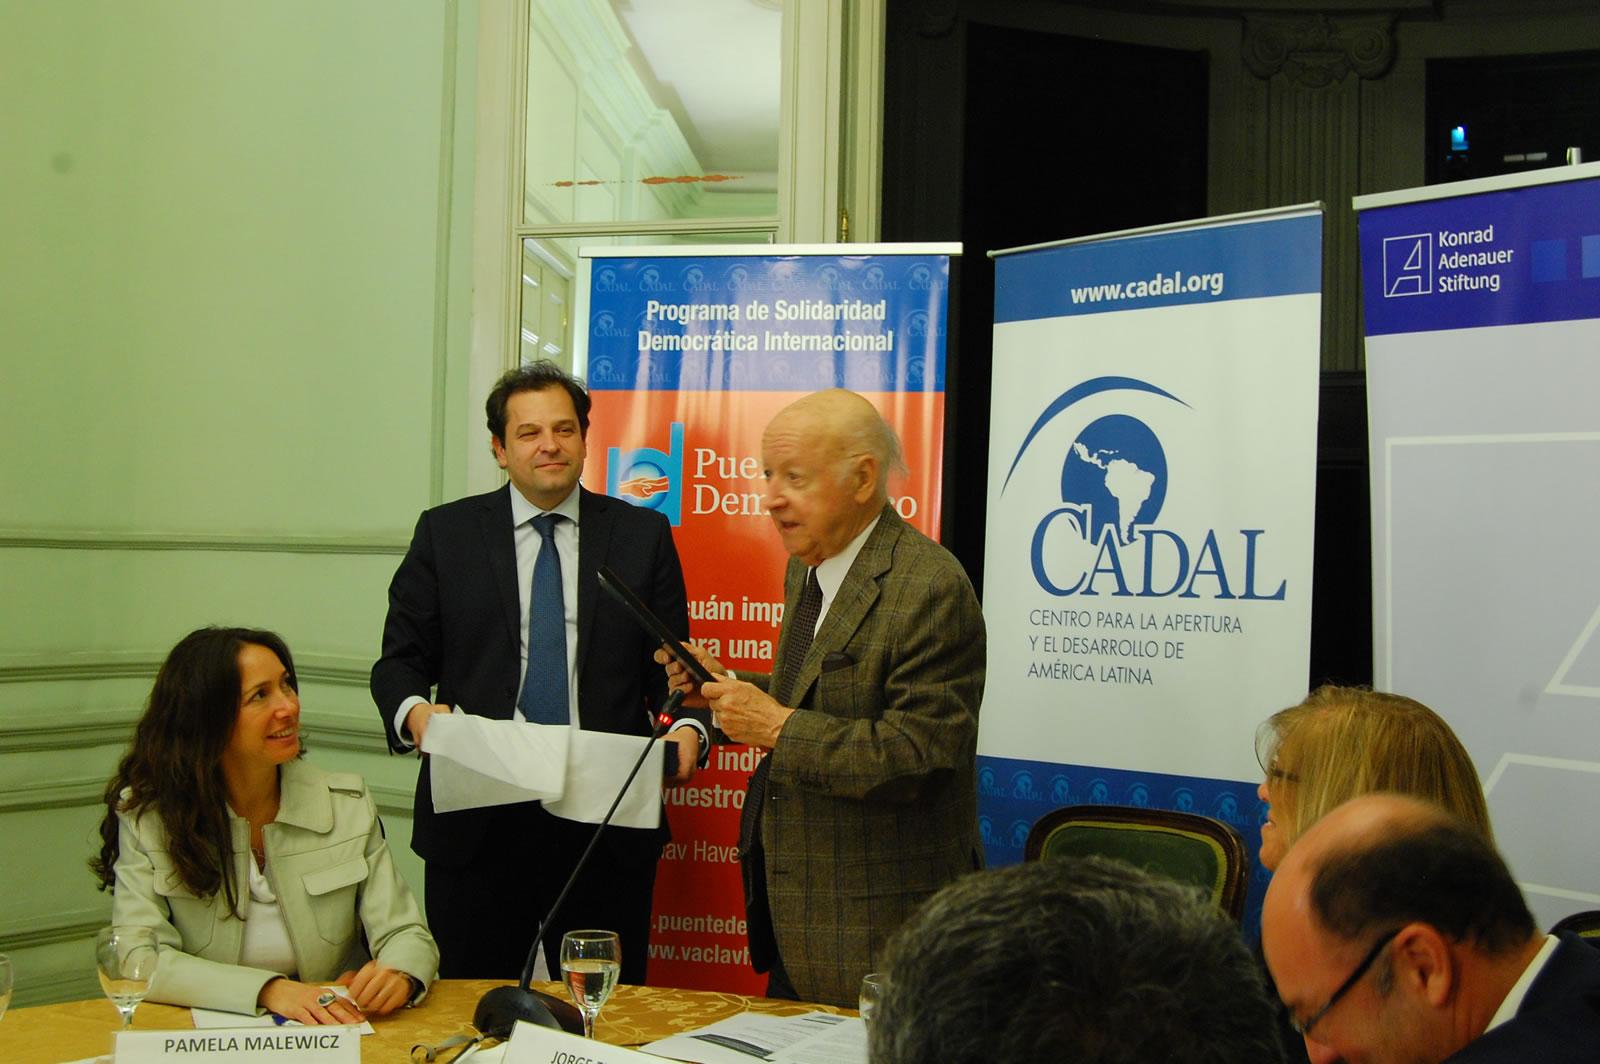 CADAL realizó conferencia anual en sede de la Cancillería